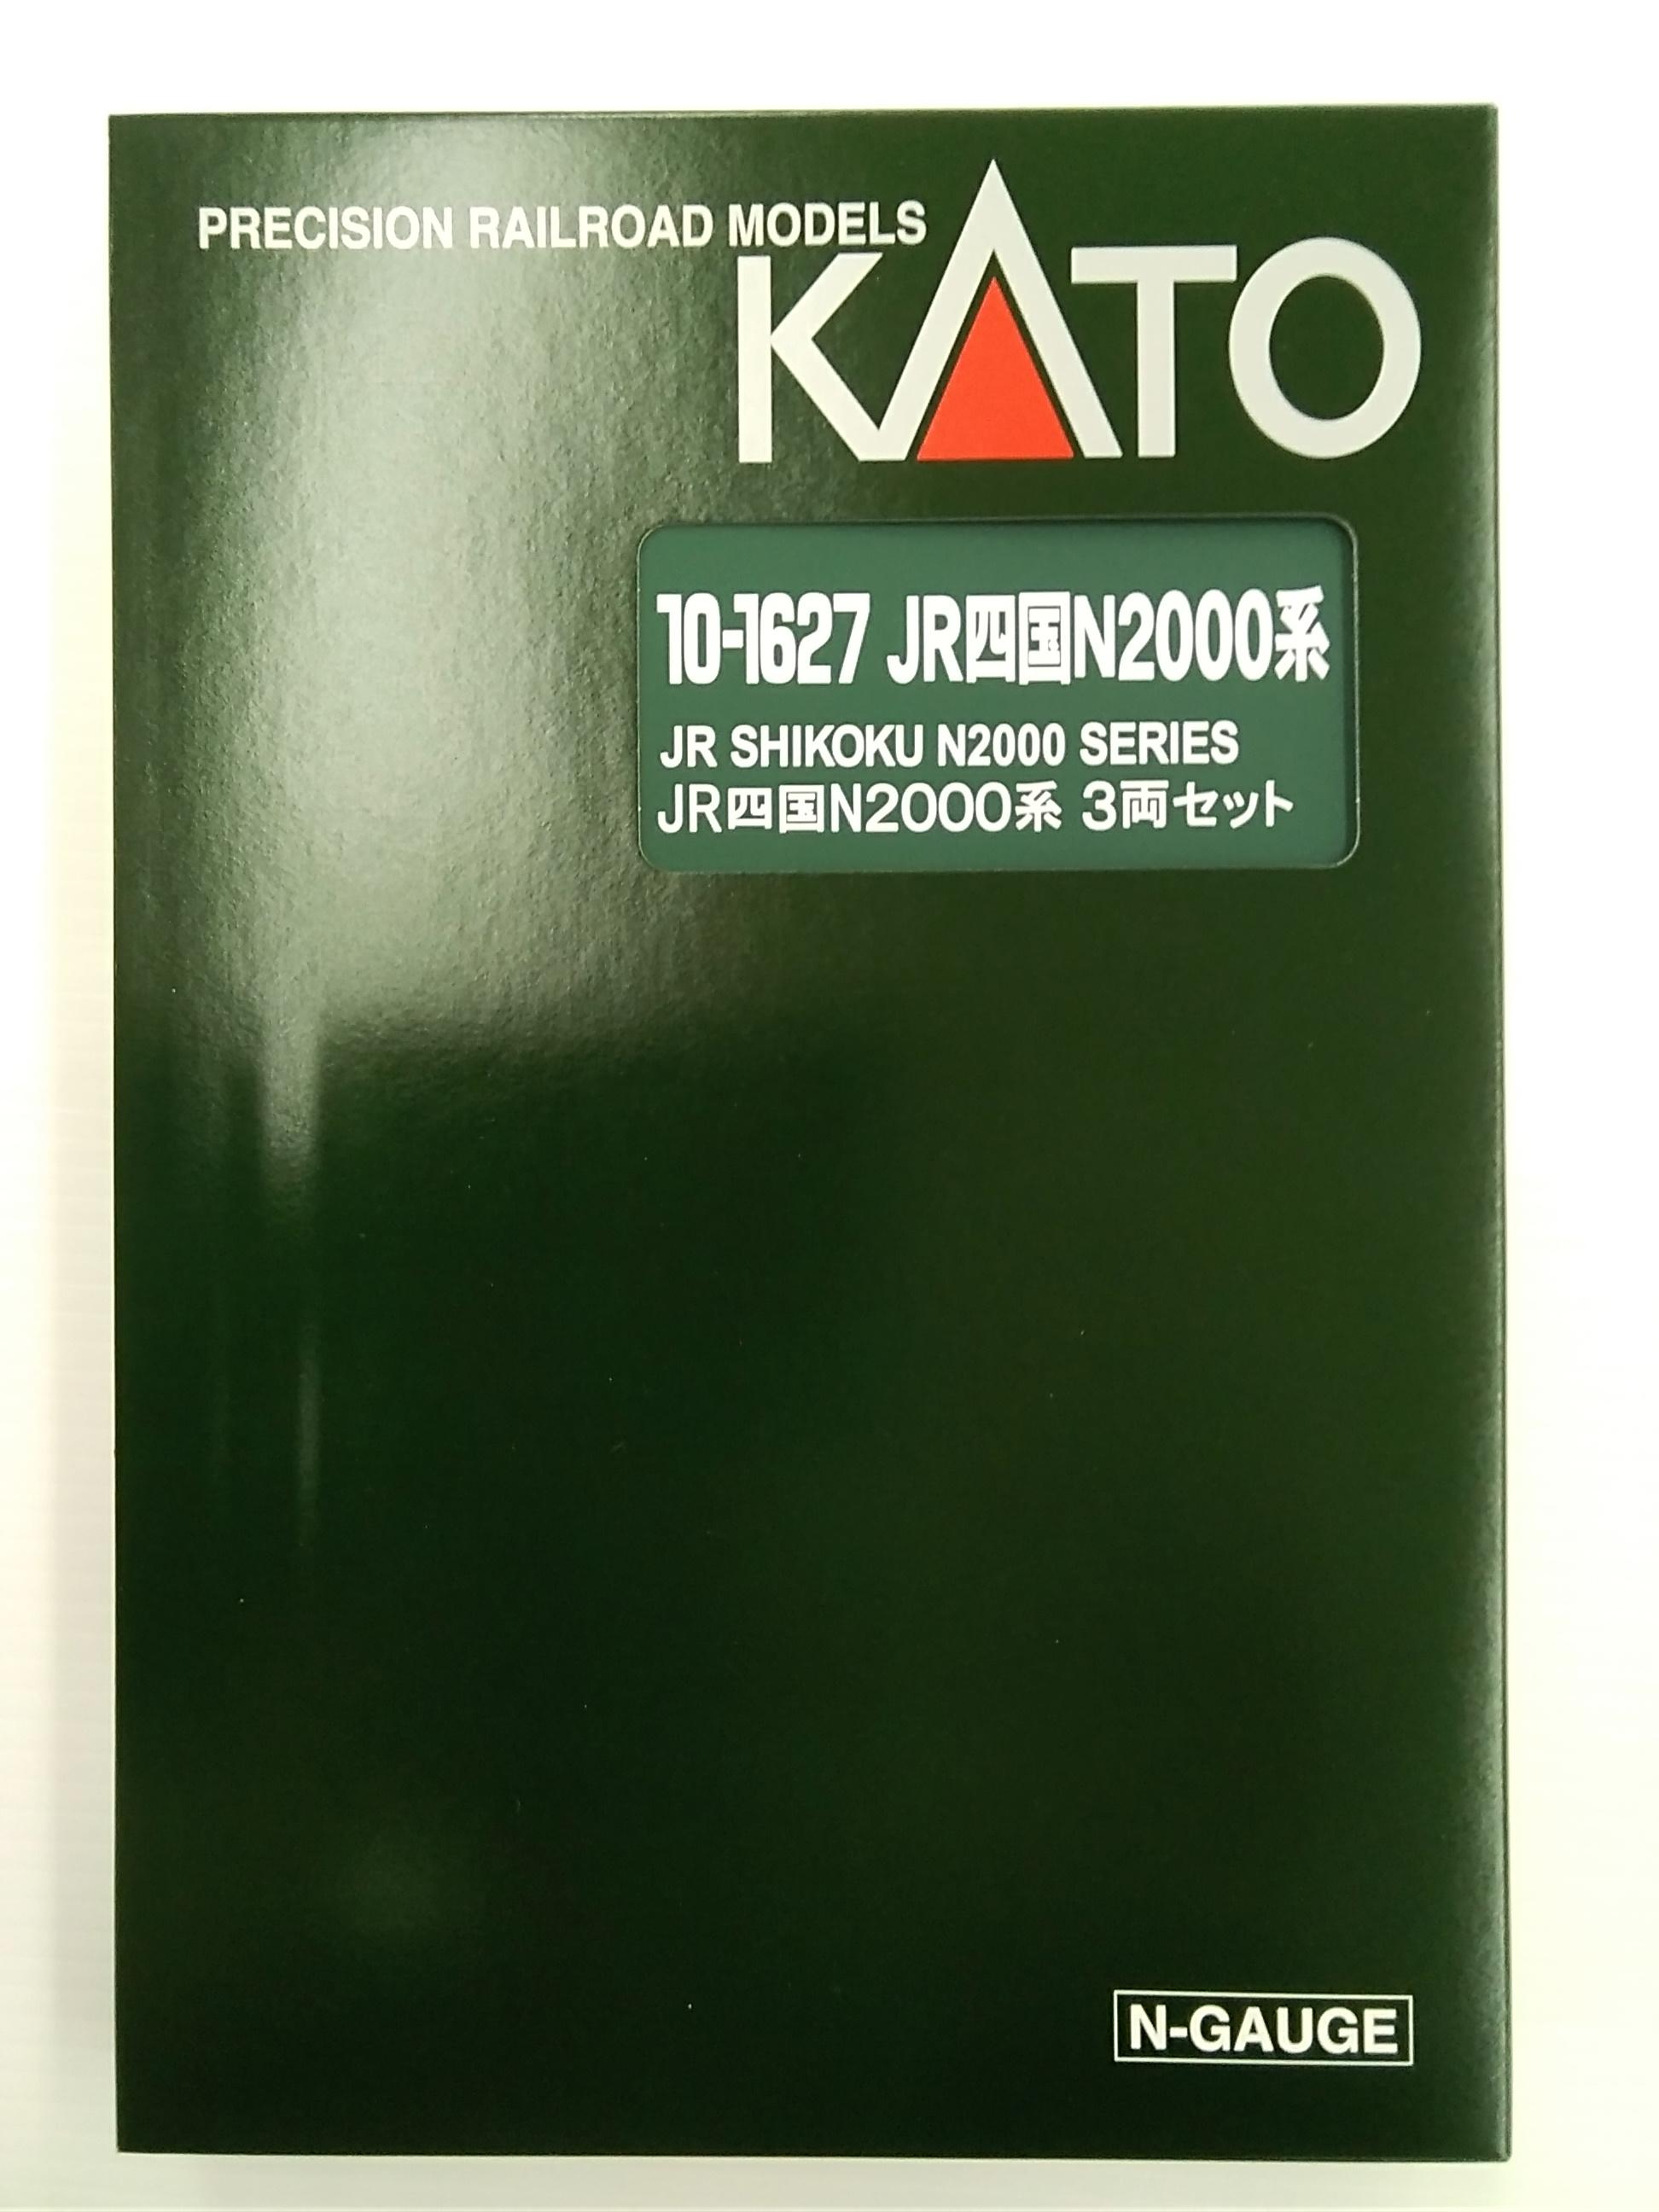 JR四国N2000系 3両セット|KATO